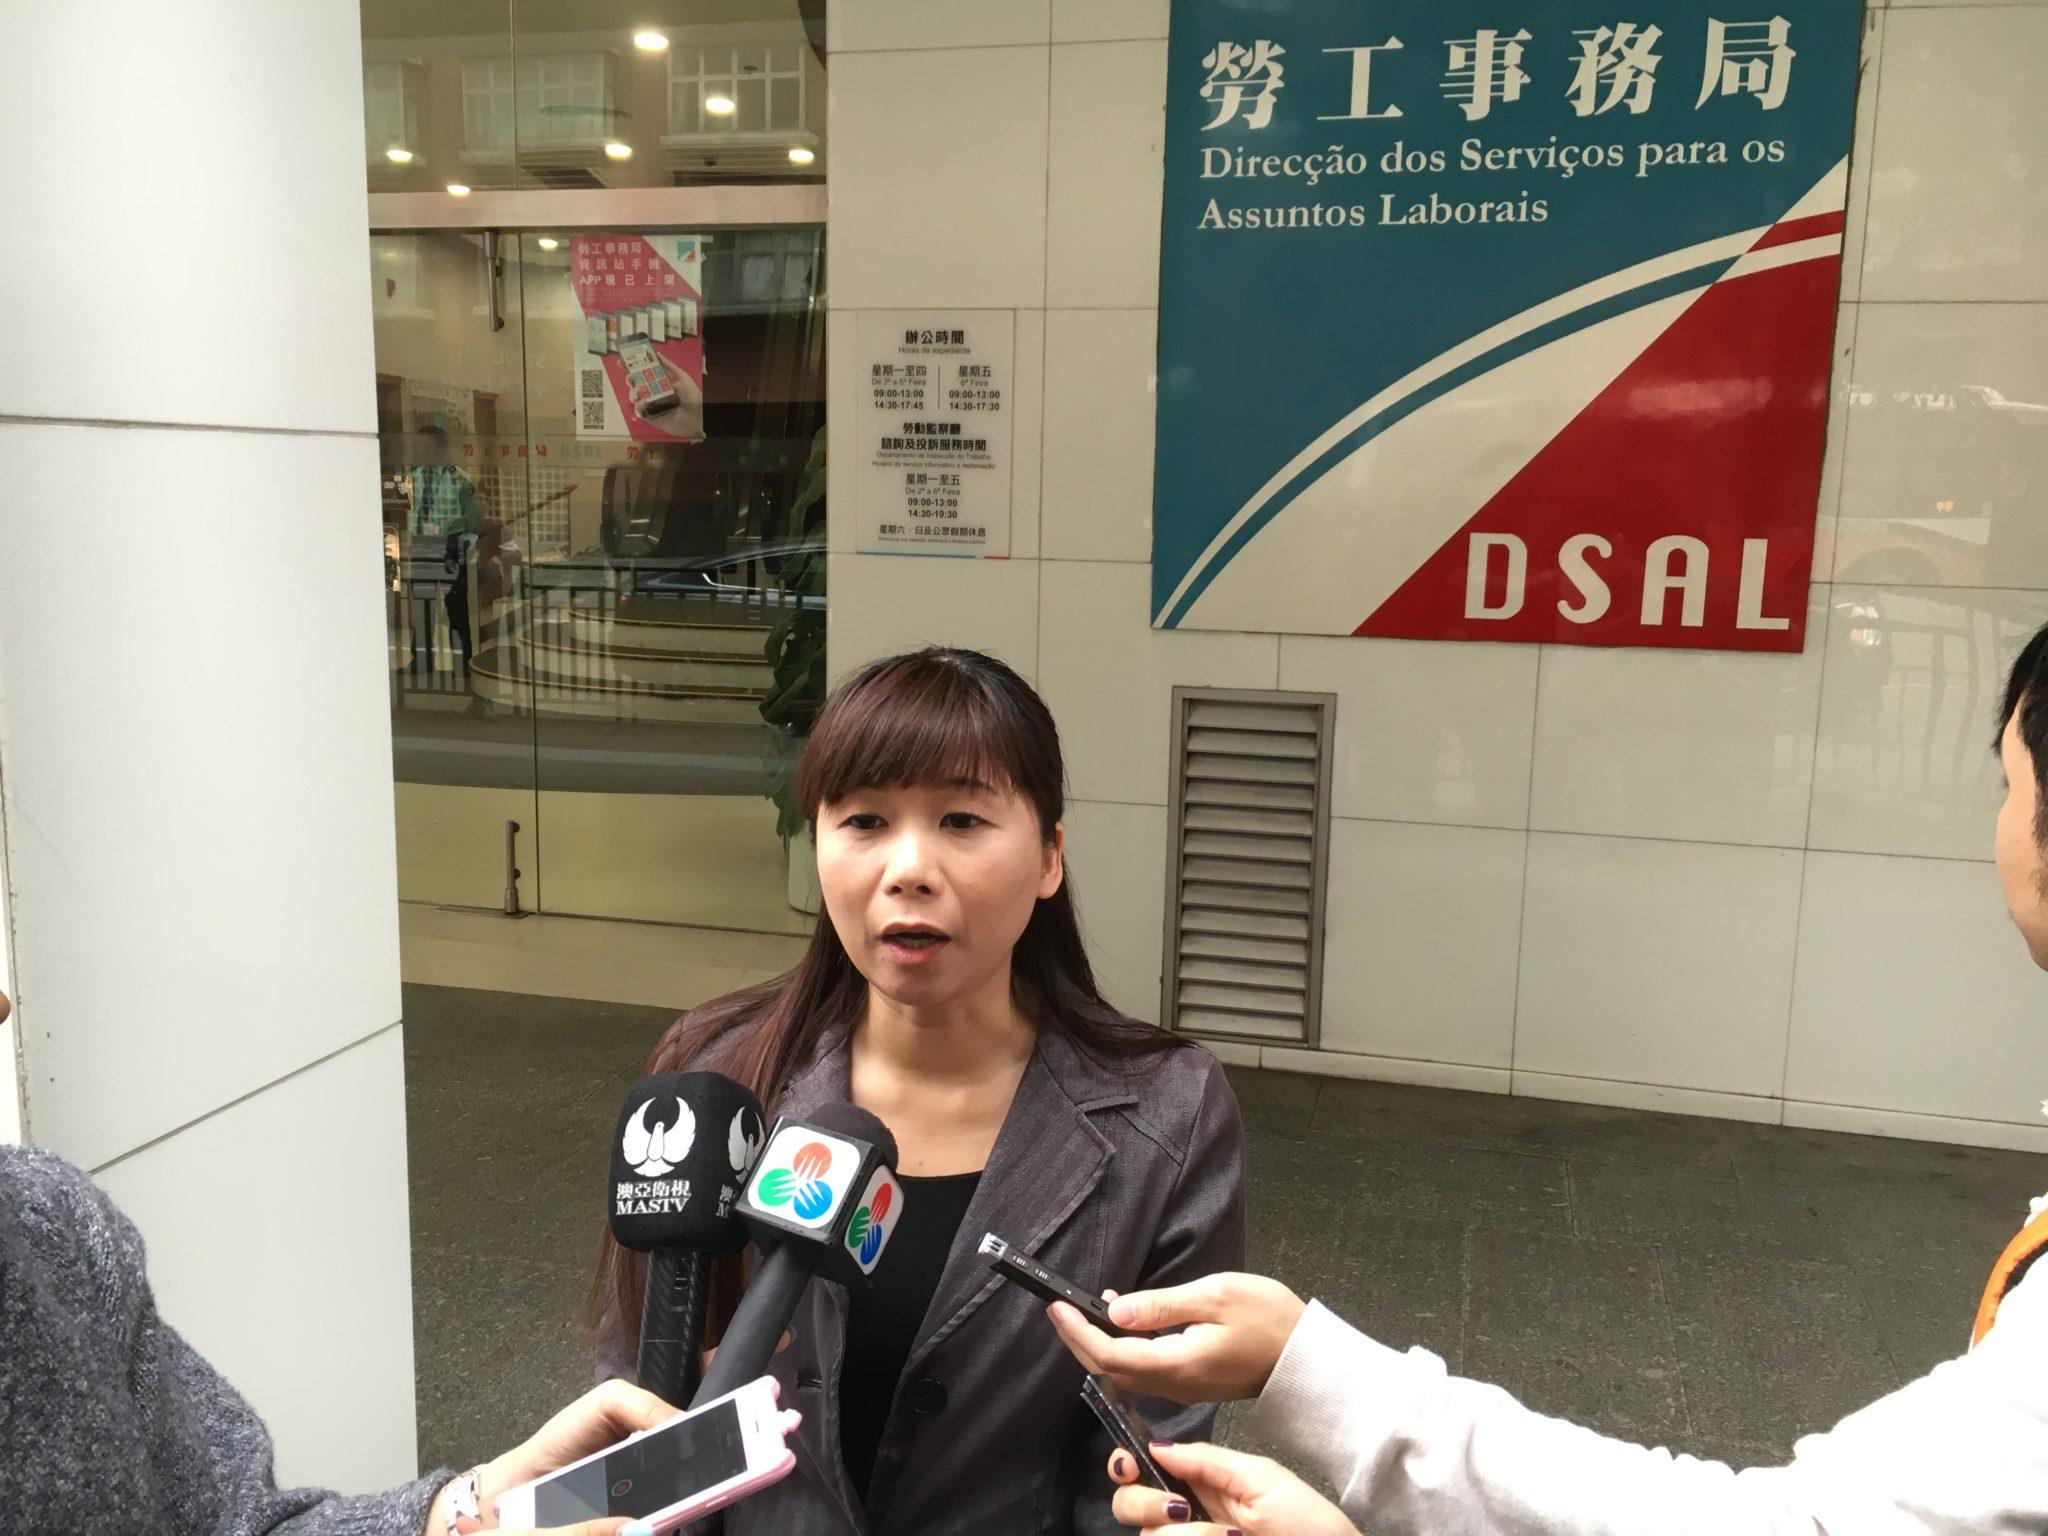 Cloee Chao agradece à PSP pela acção contra fumador ilegal